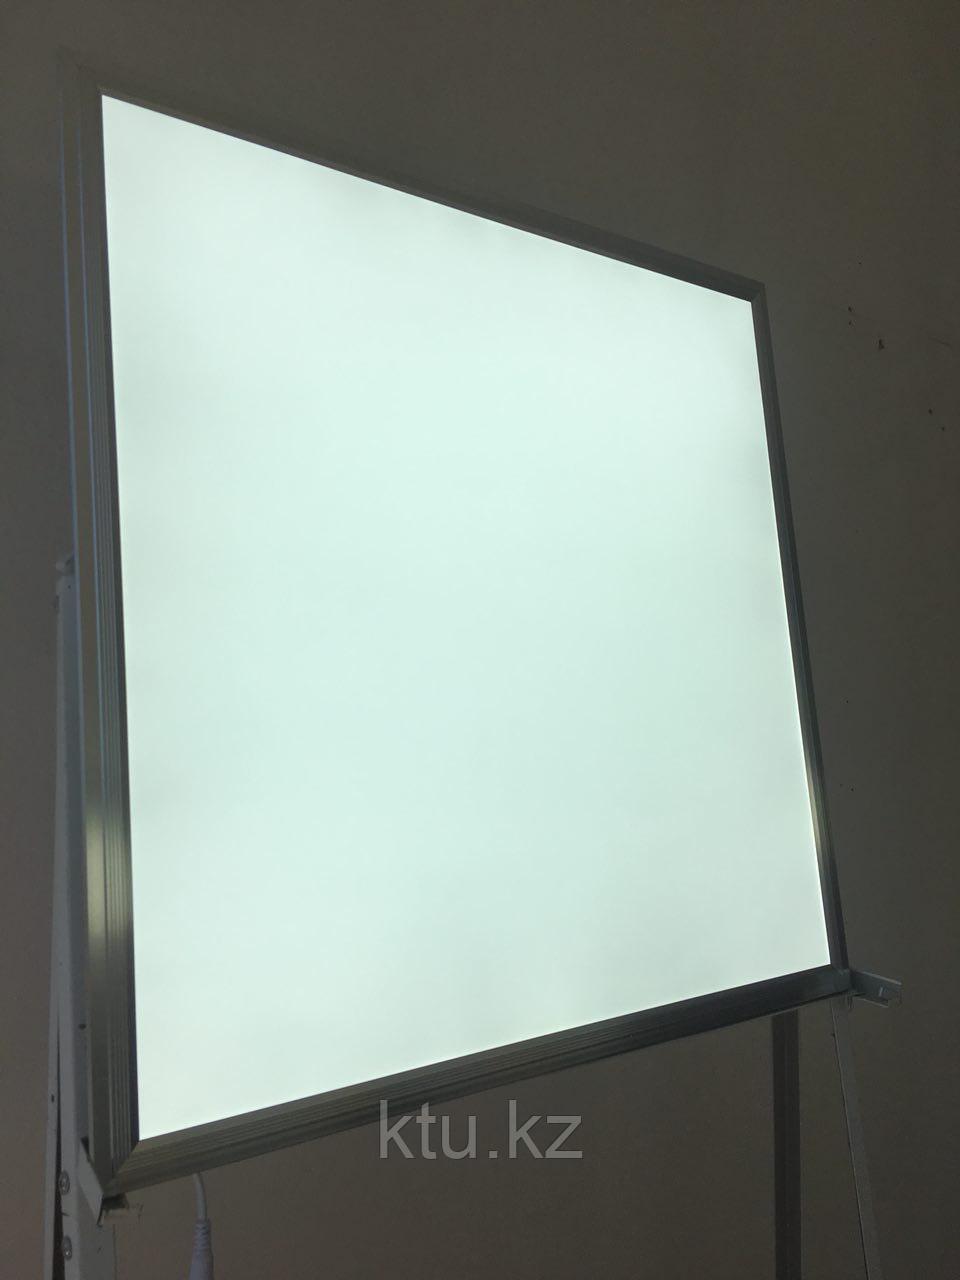 Светильник под армстронг для кухни JL-595 36W 1год гарантия